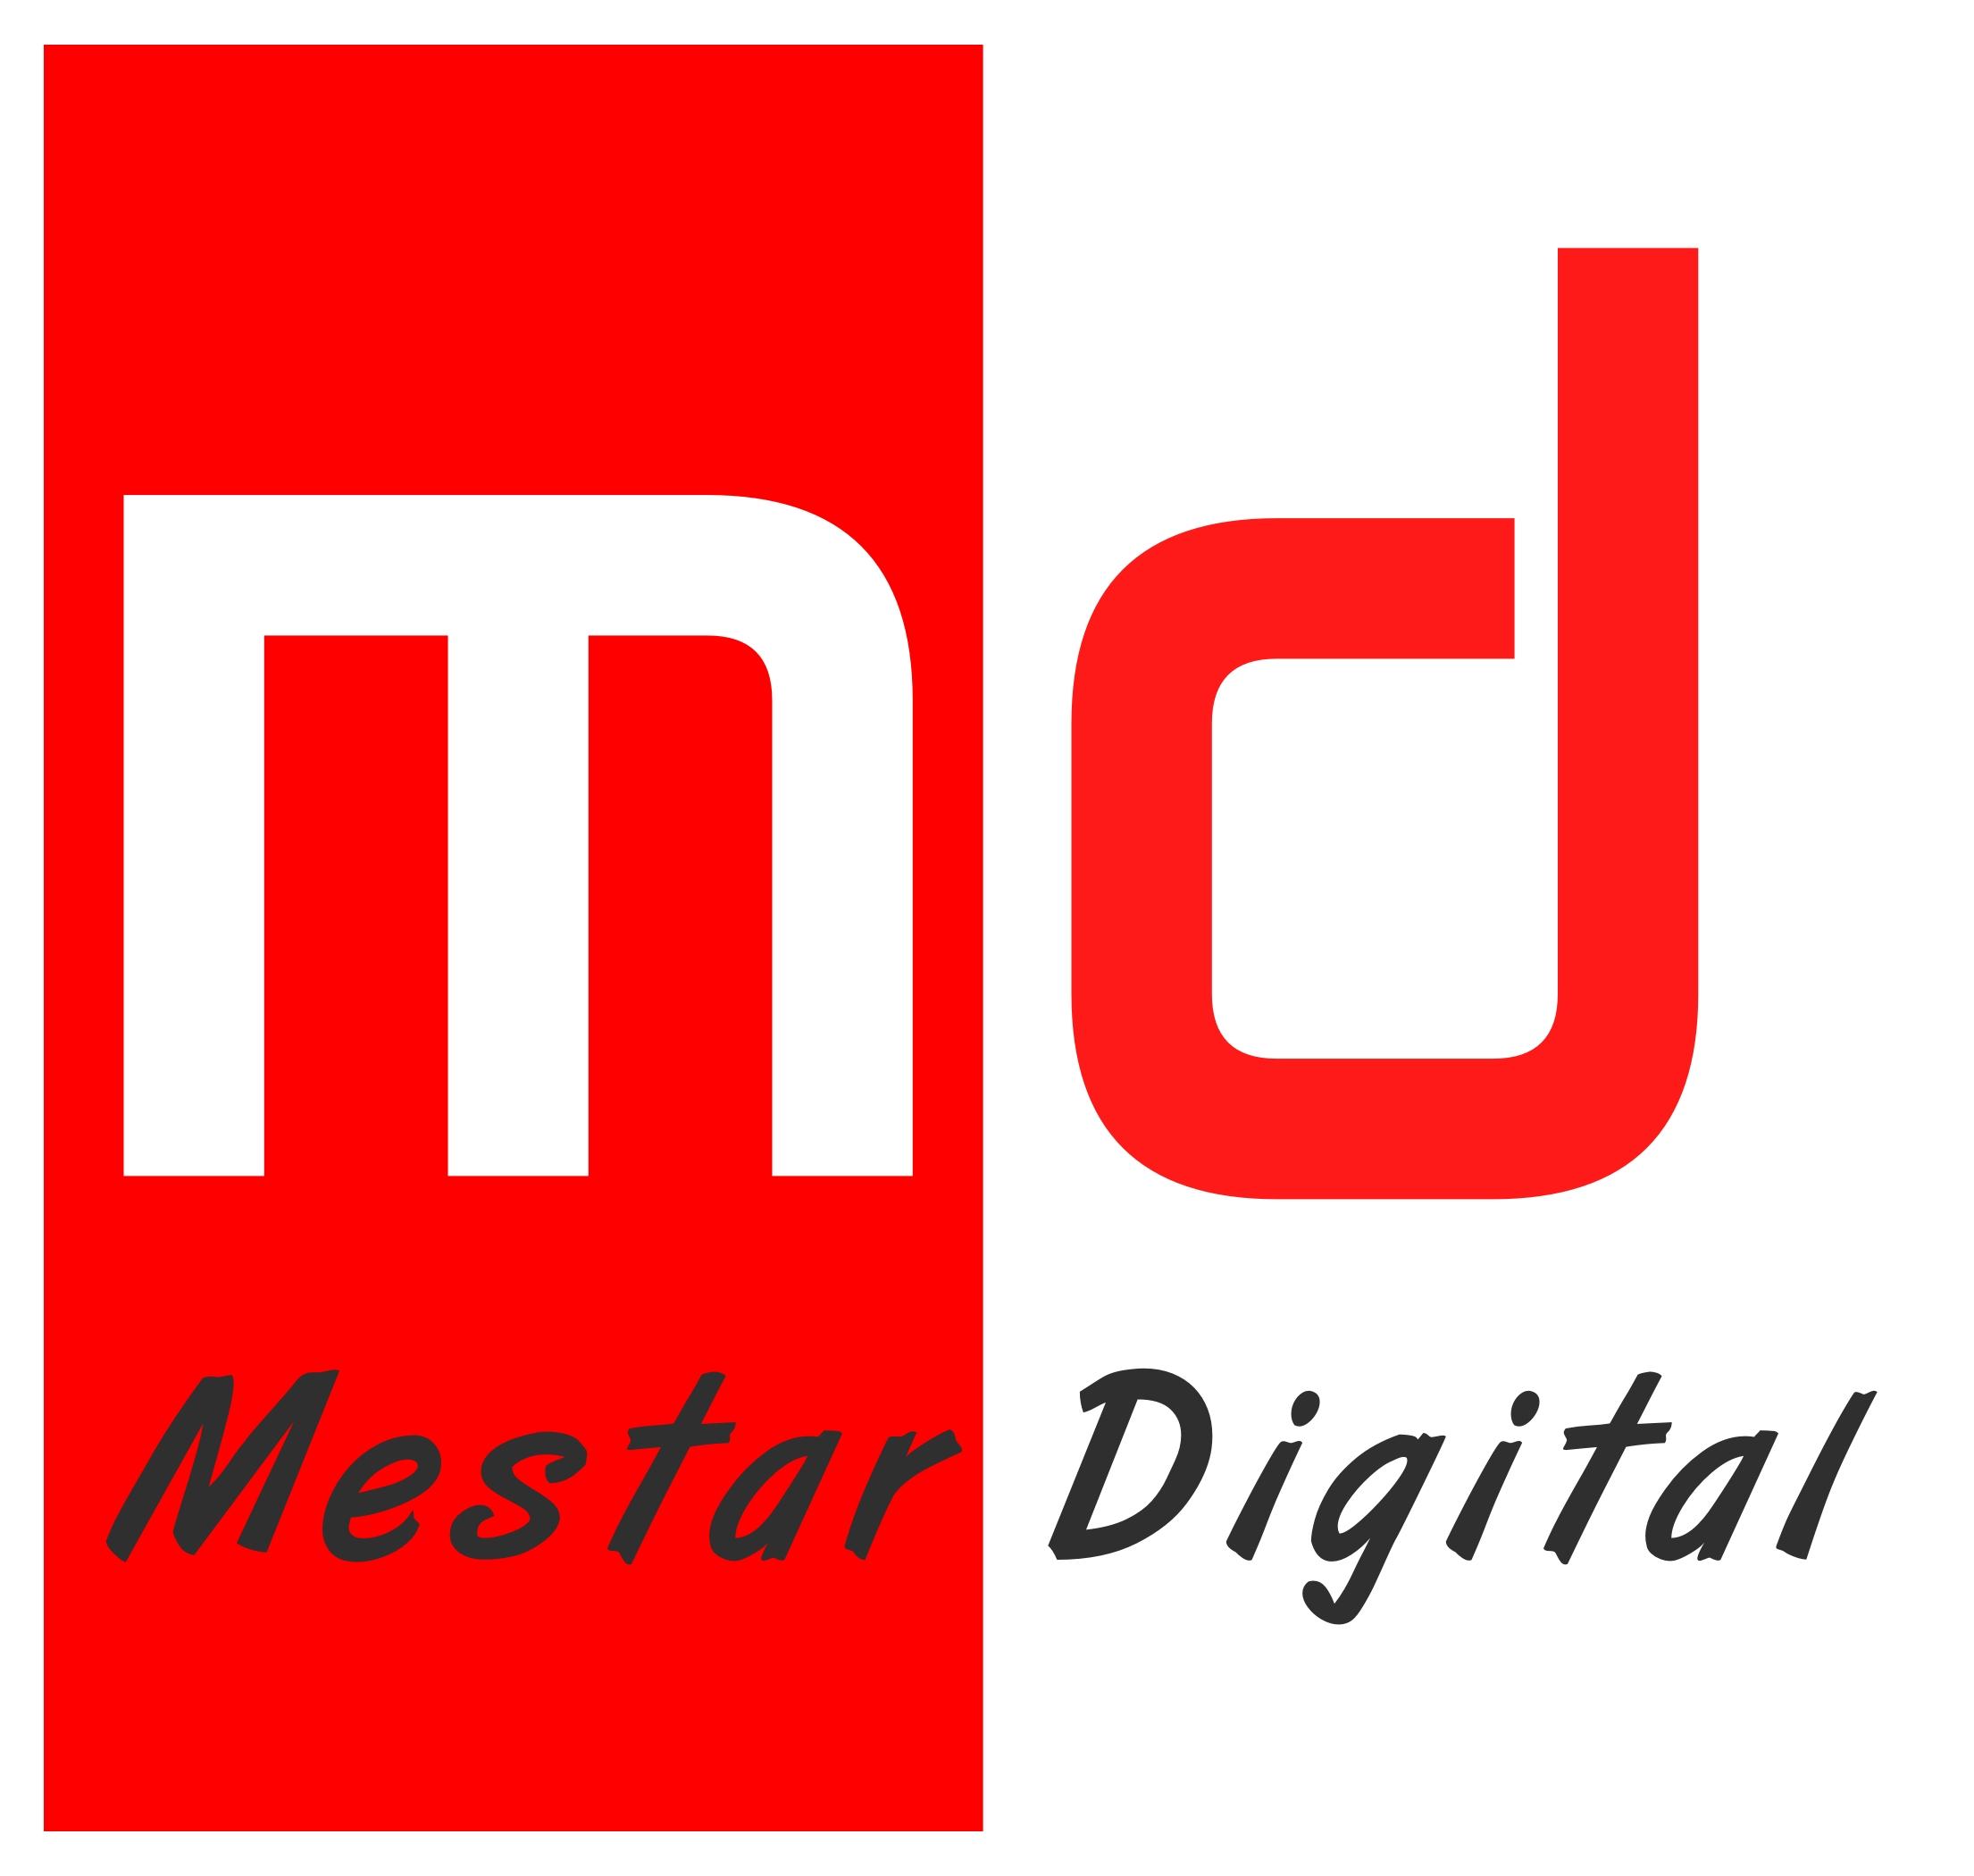 Mestar Digital